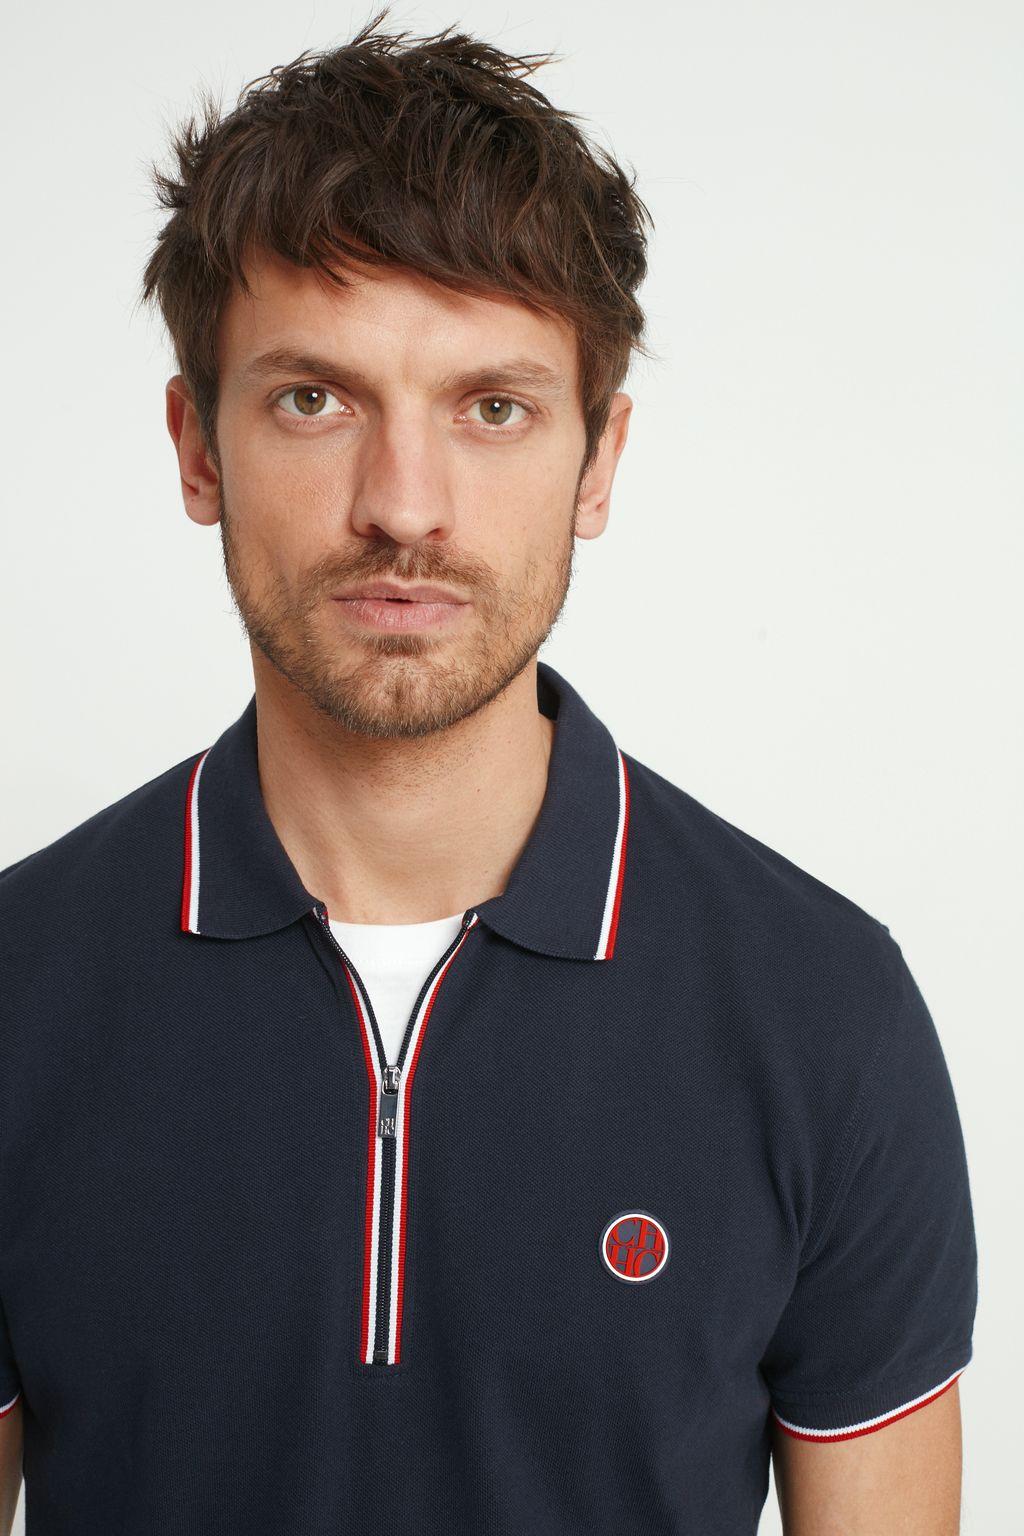 Piqué half-zip polo shirt